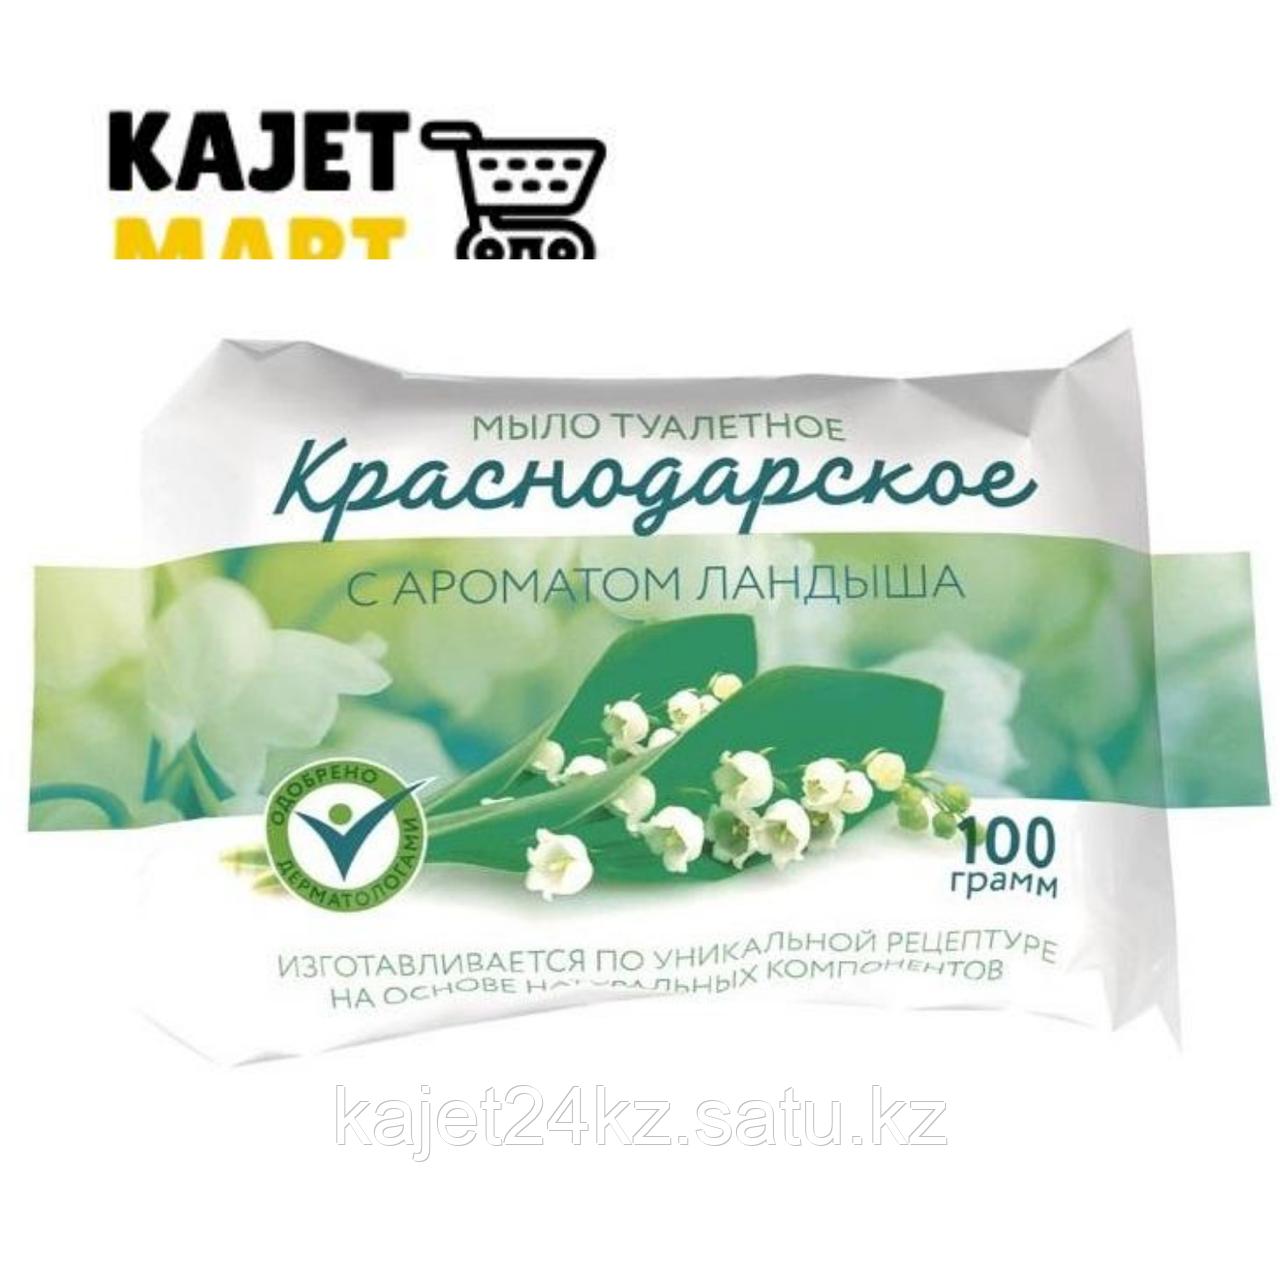 """Мыло туалетное """"Краснодарское"""" С АРОМАТОМ ЛАНДЫША 200 гр"""